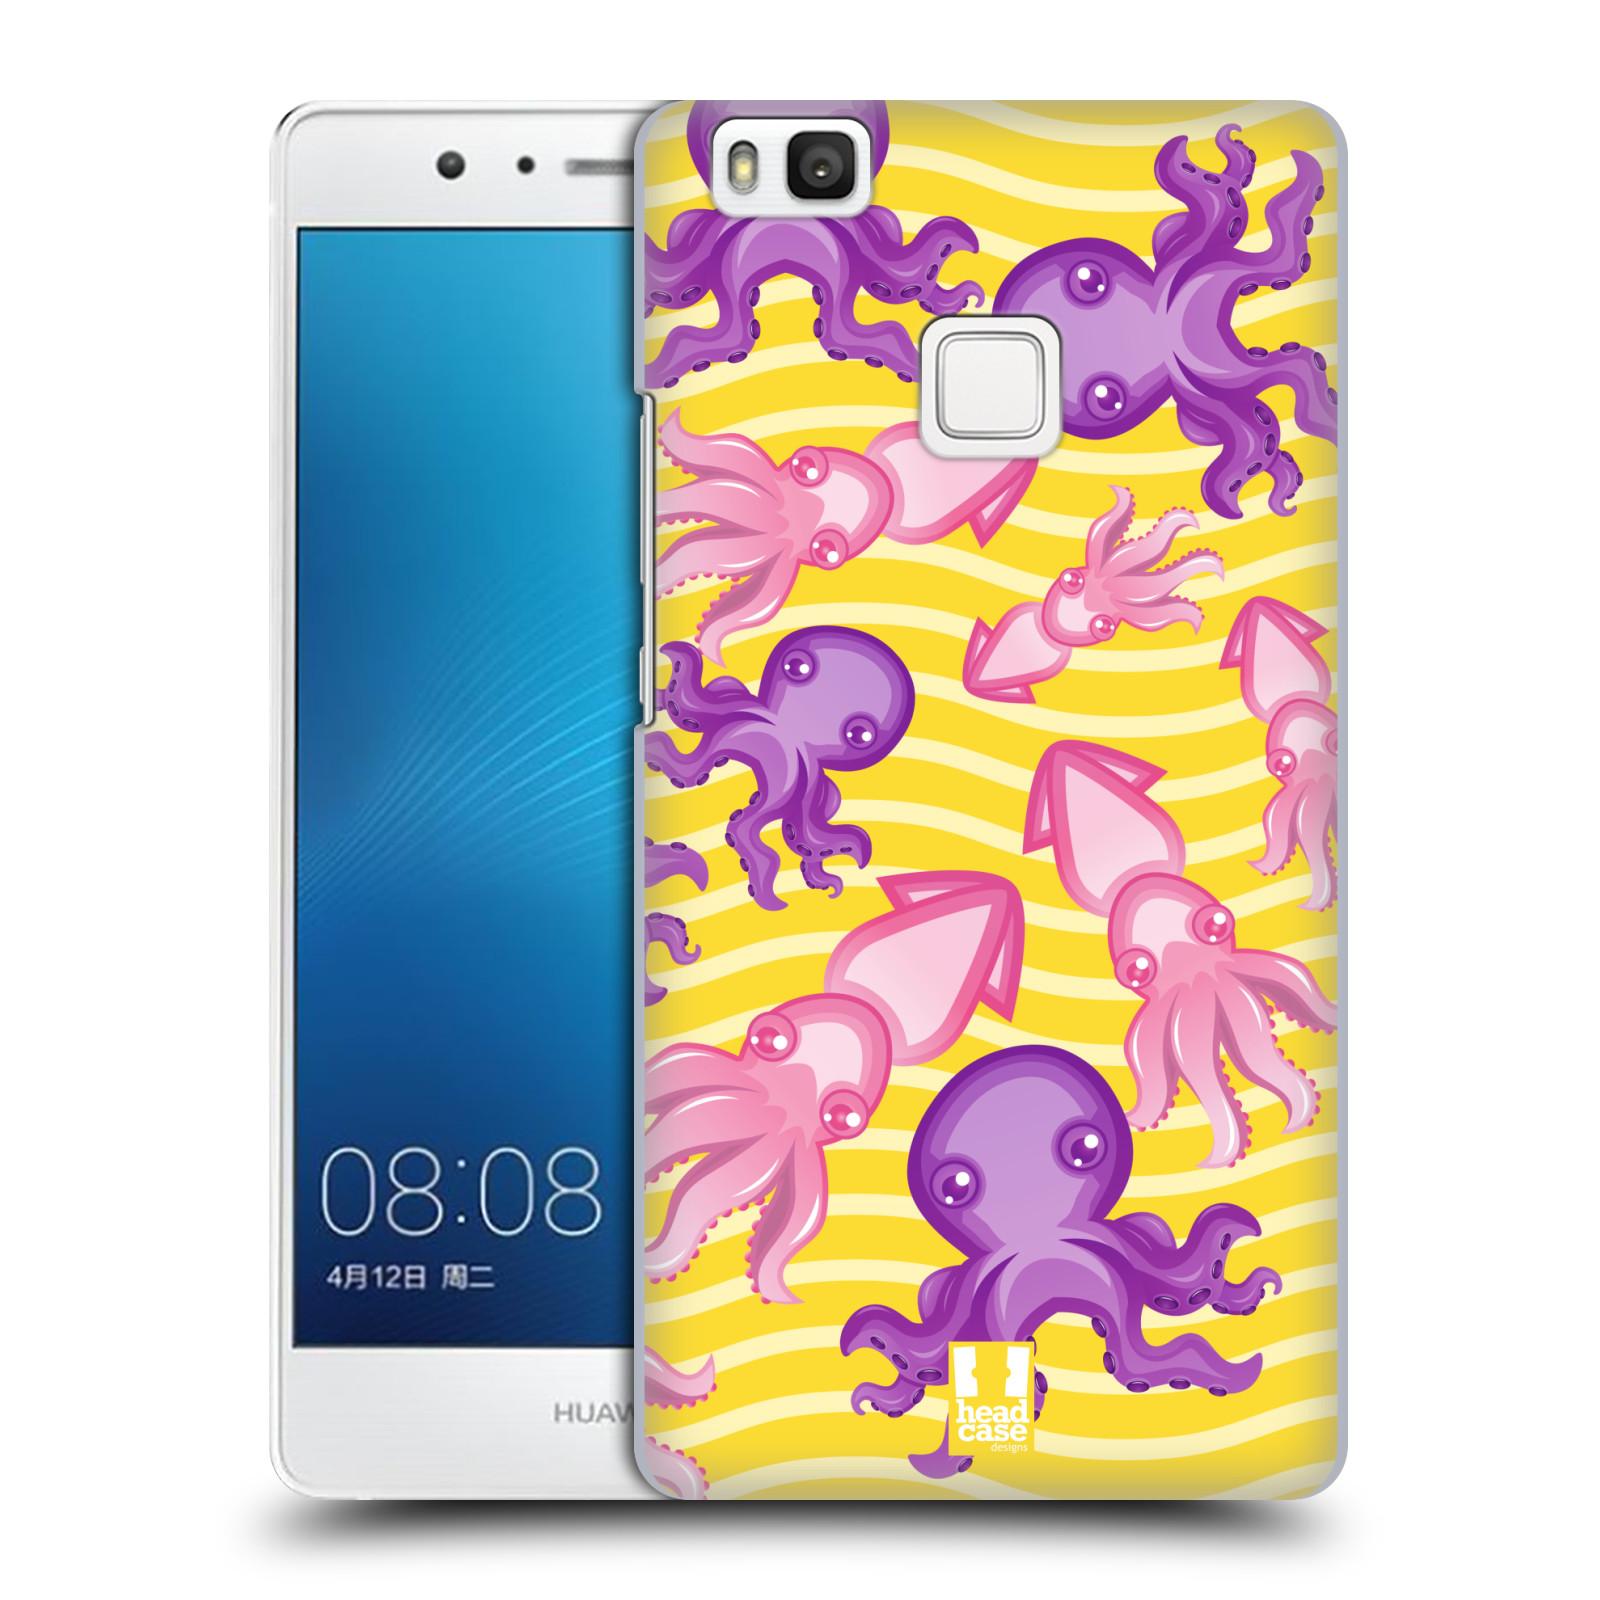 HEAD CASE plastový obal na mobil Huawei P9 LITE / P9 LITE DUAL SIM vzor mořský živočich chobotnice